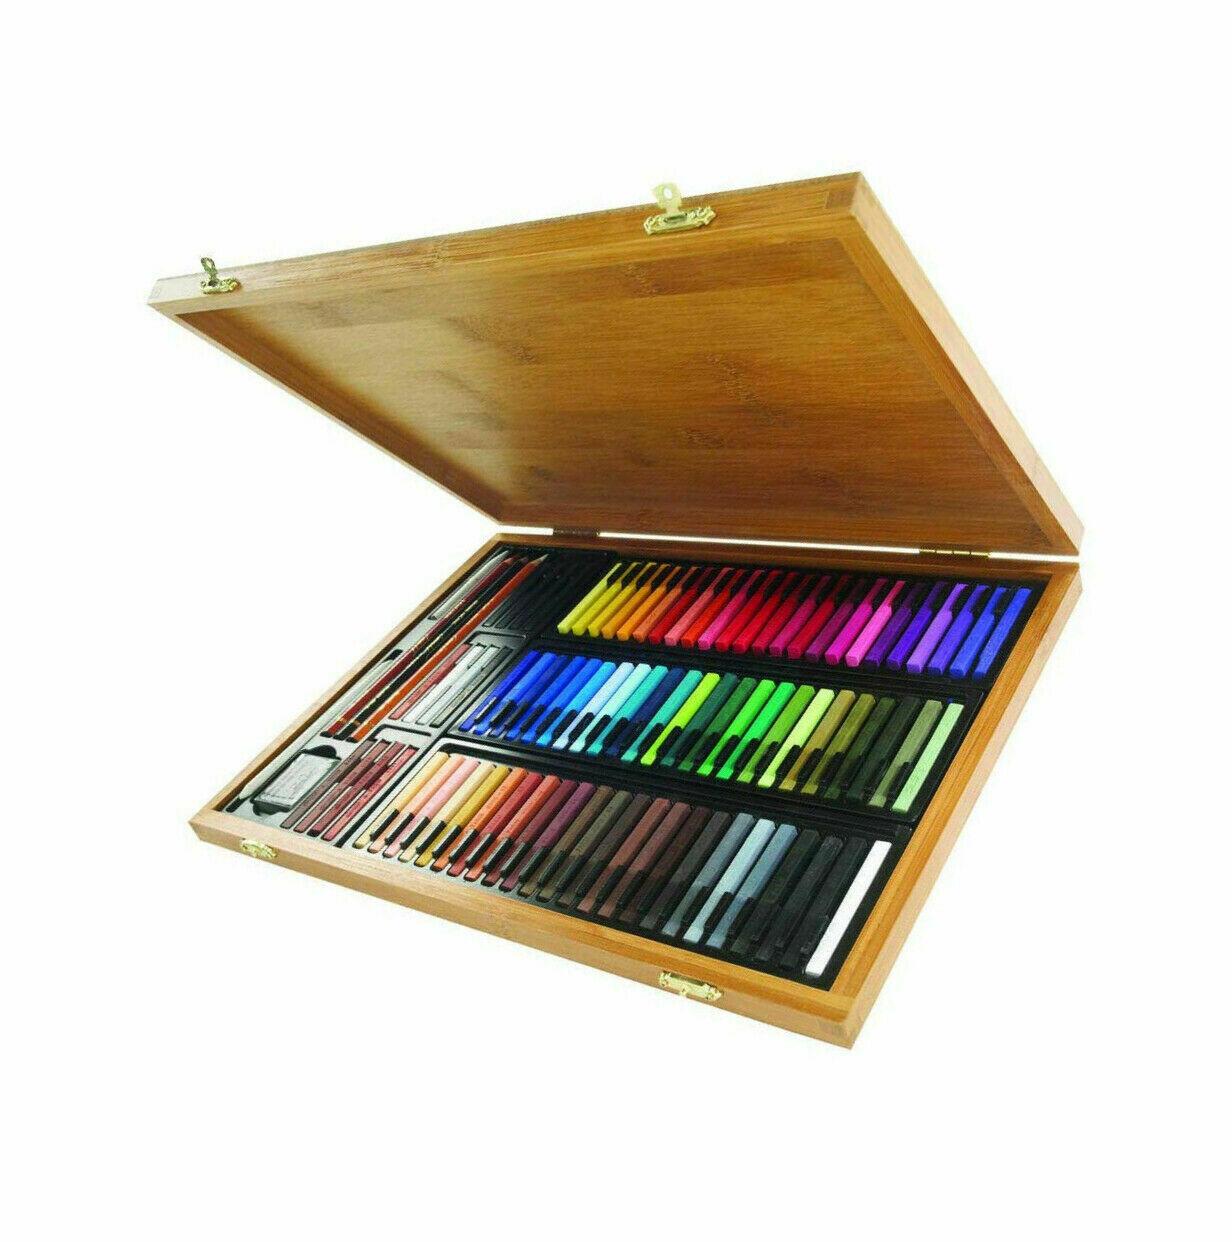 Набор пастельных мелков Conte a Paris в бамбуковой коробке 70 цв + аксессуары